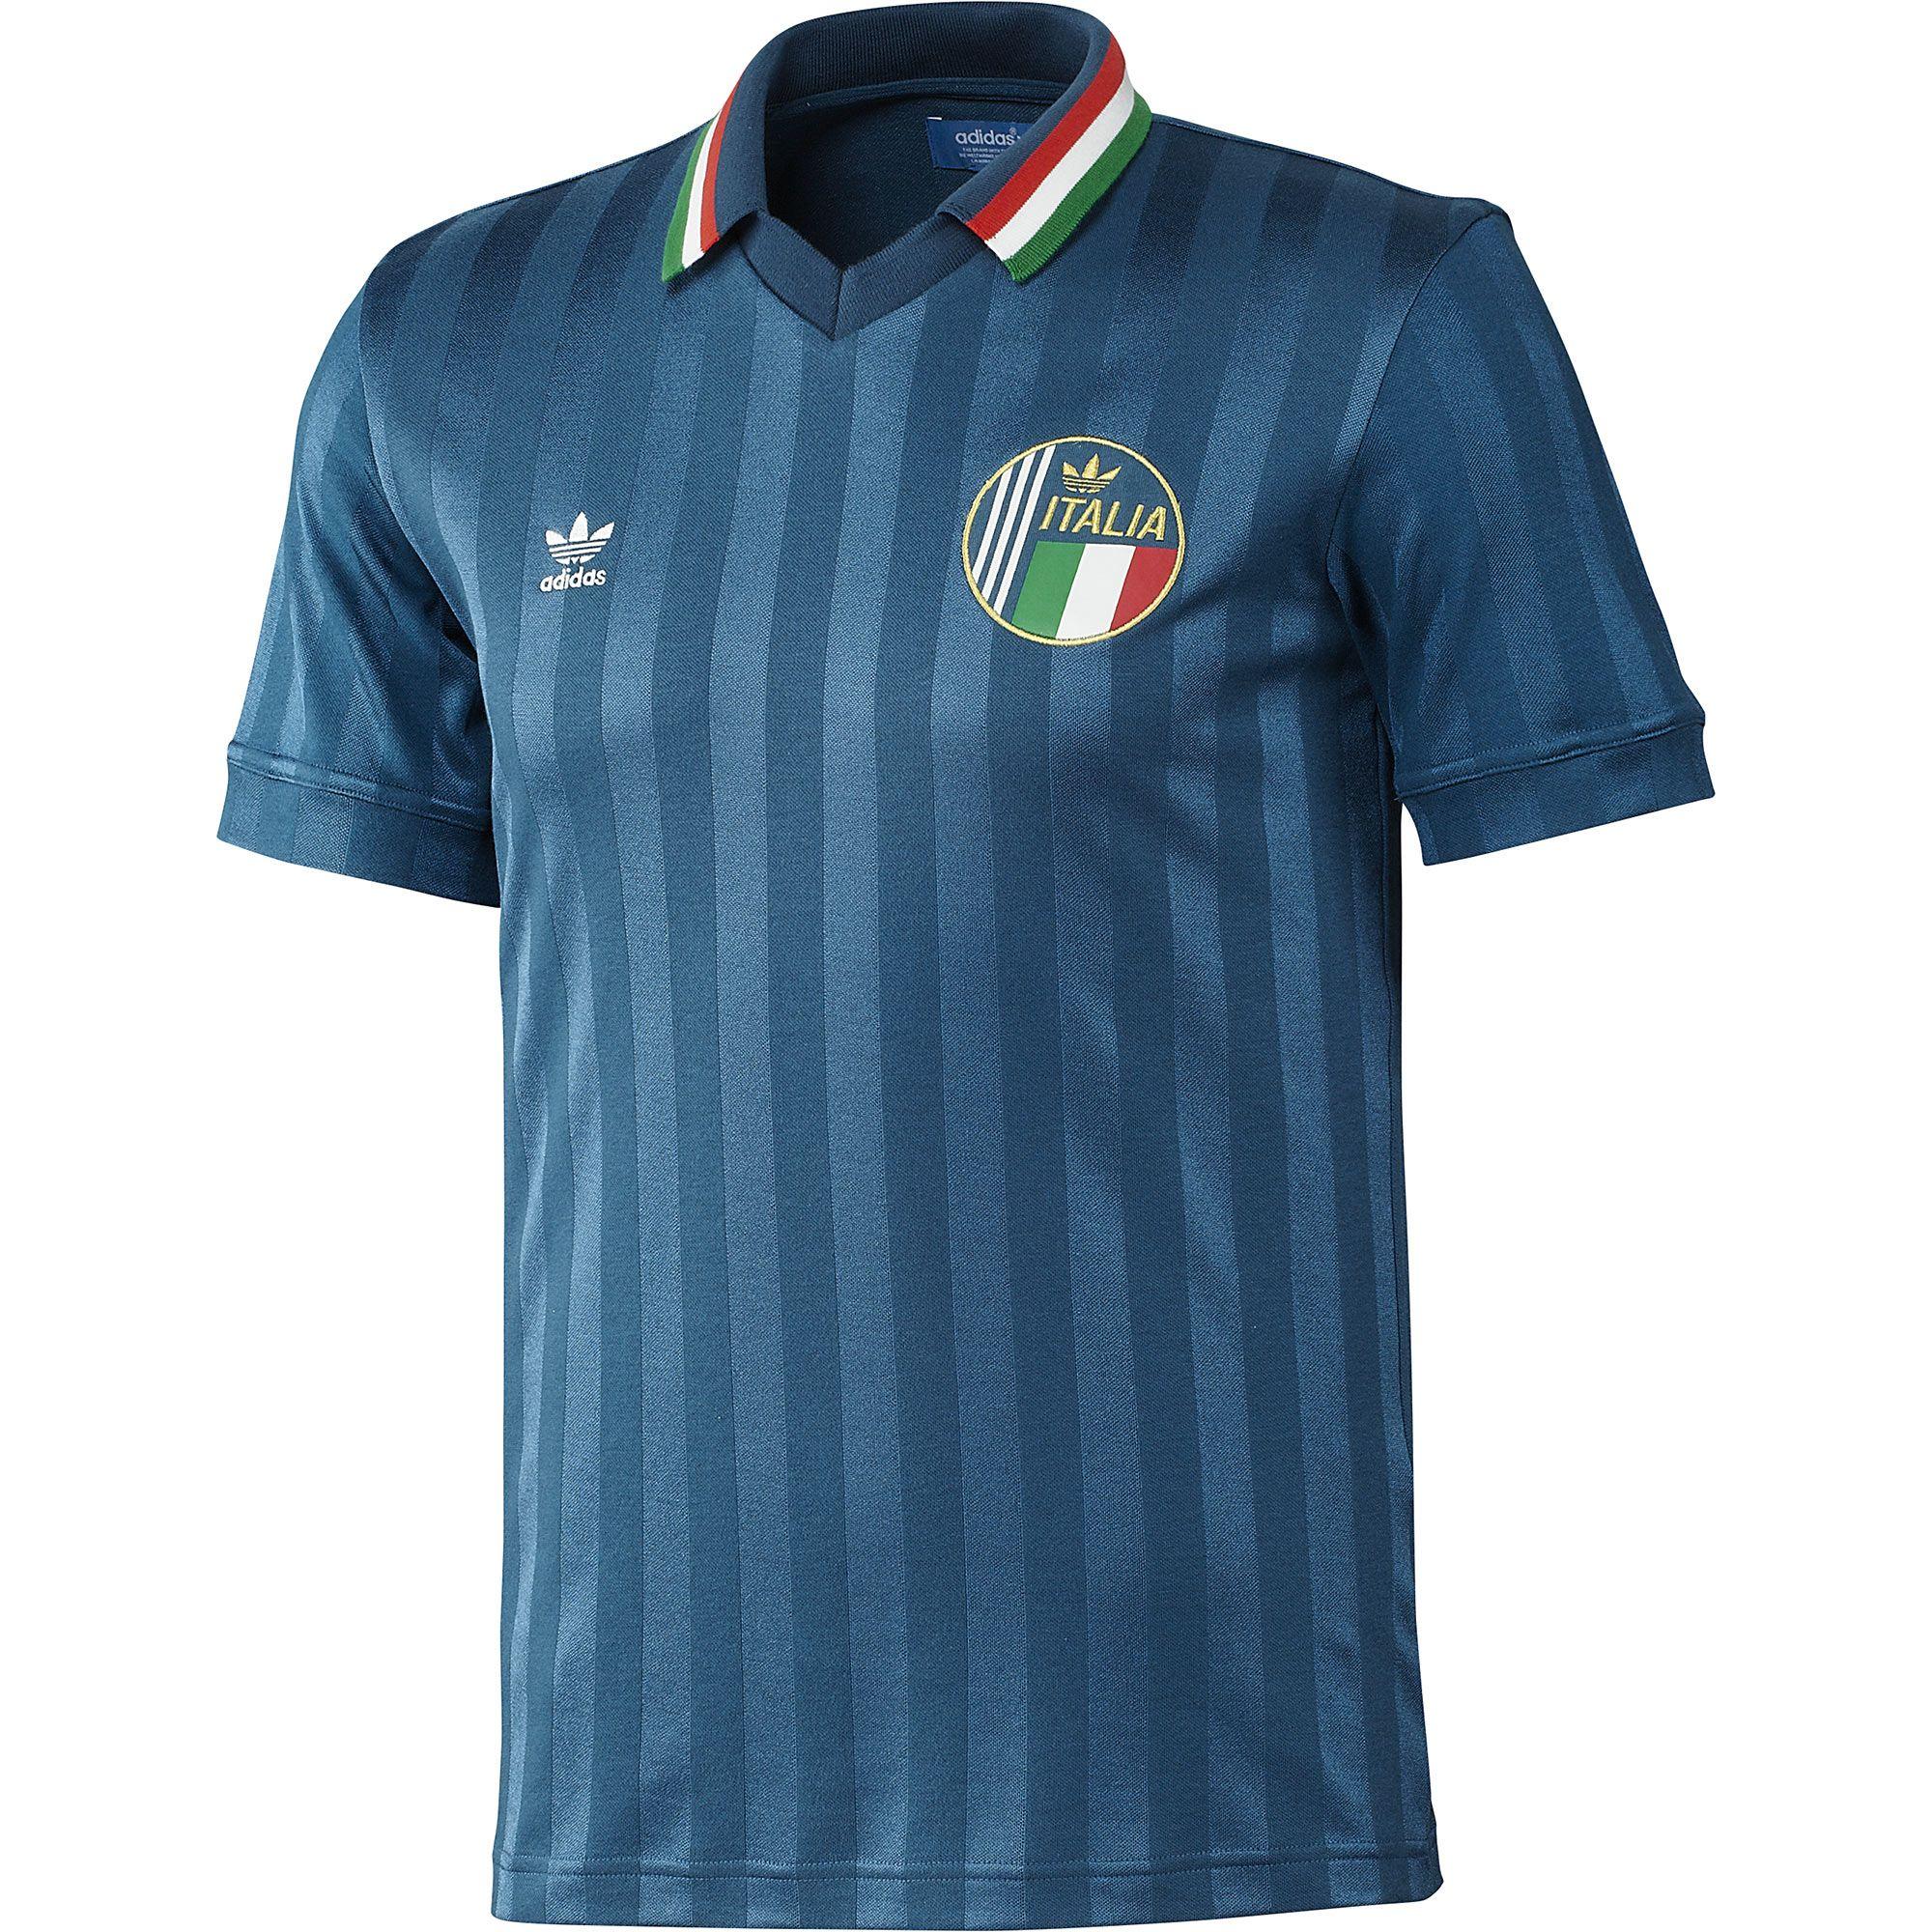 416777dbf706e Chulada!! adidas Jersey Retro Selección Italiana de Fútbol